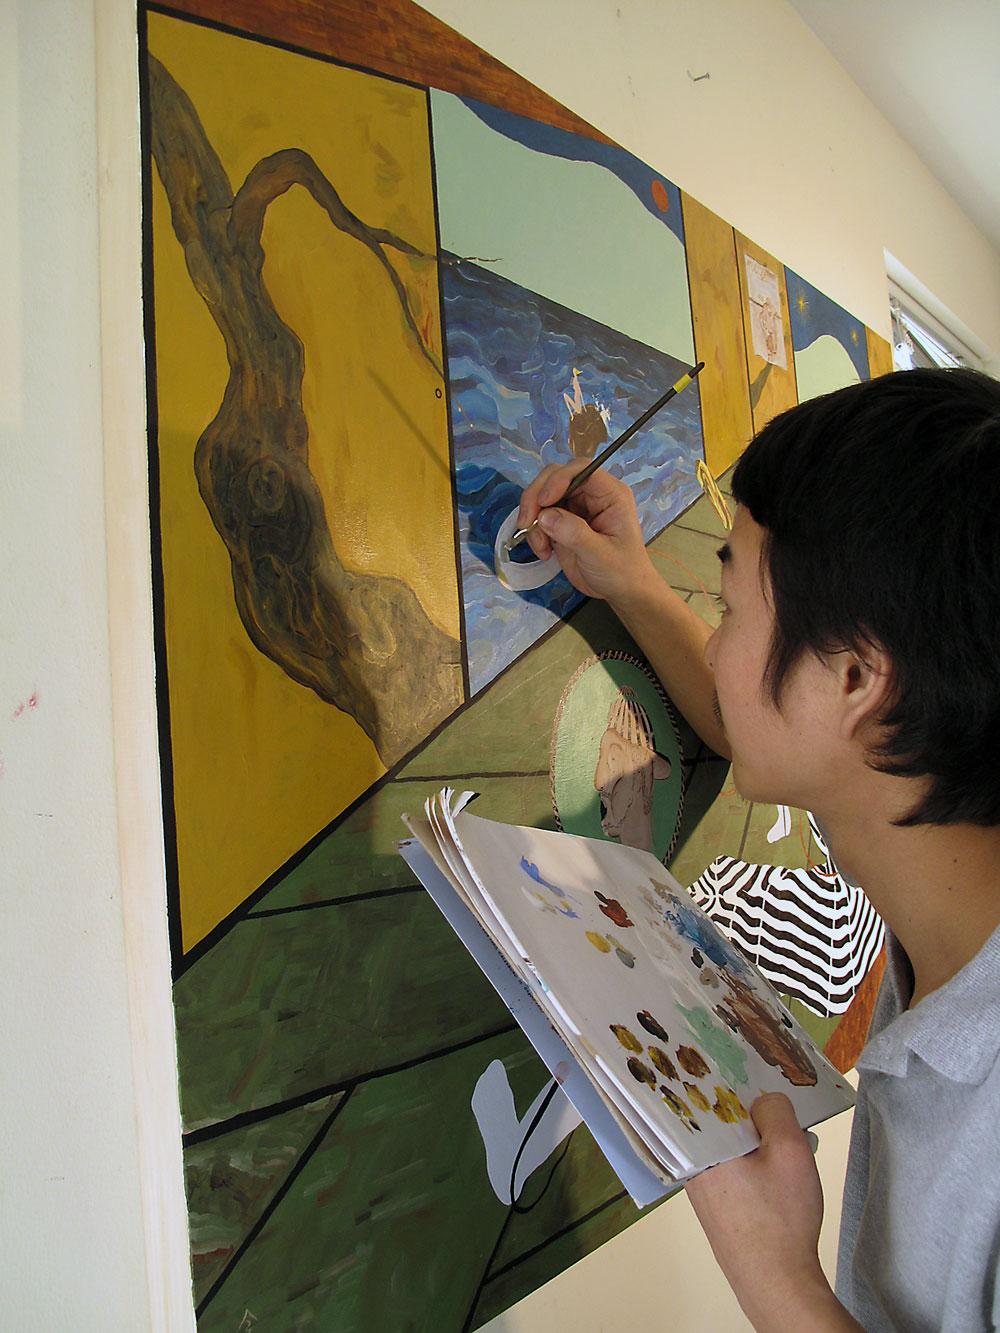 kurata_painting4